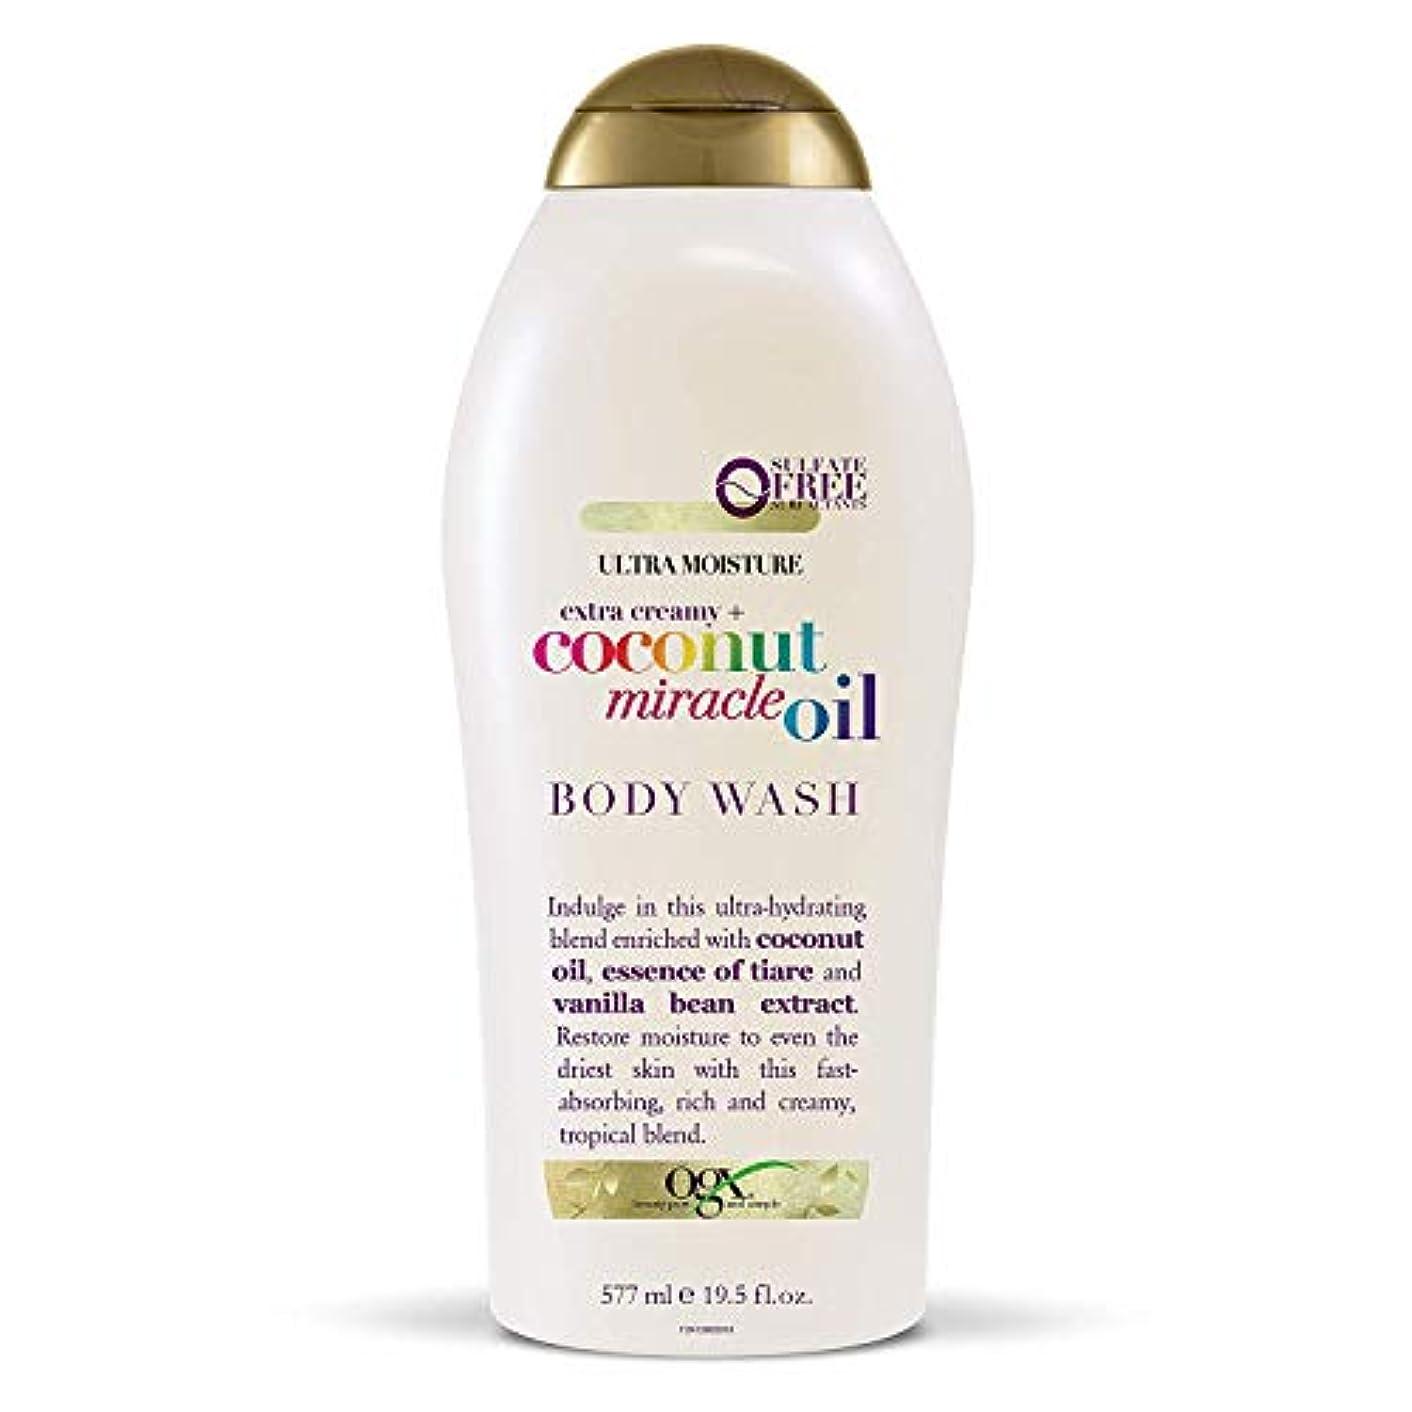 におい天ステートメントOgx Body Wash Coconut Miracle Oil Extra Strength 19.5oz OGX ココナッツミラクルオイル エクストラストレングス ボディウォッシュ 577ml [並行輸入品]